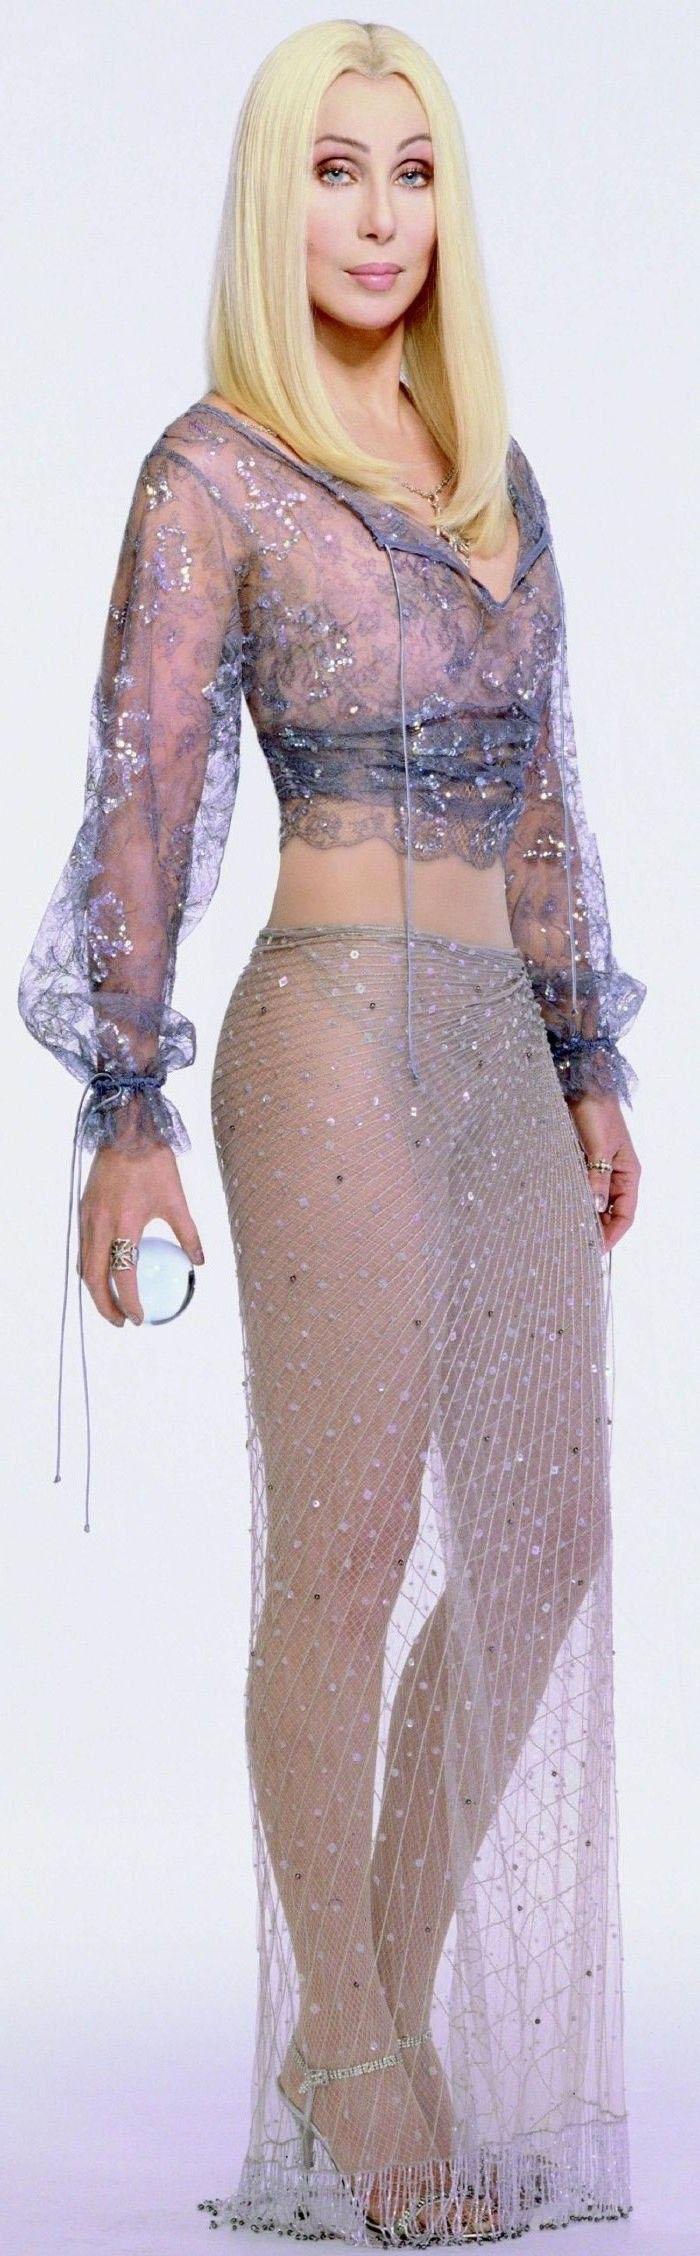 Cher Nago. Zdjęcie - 17